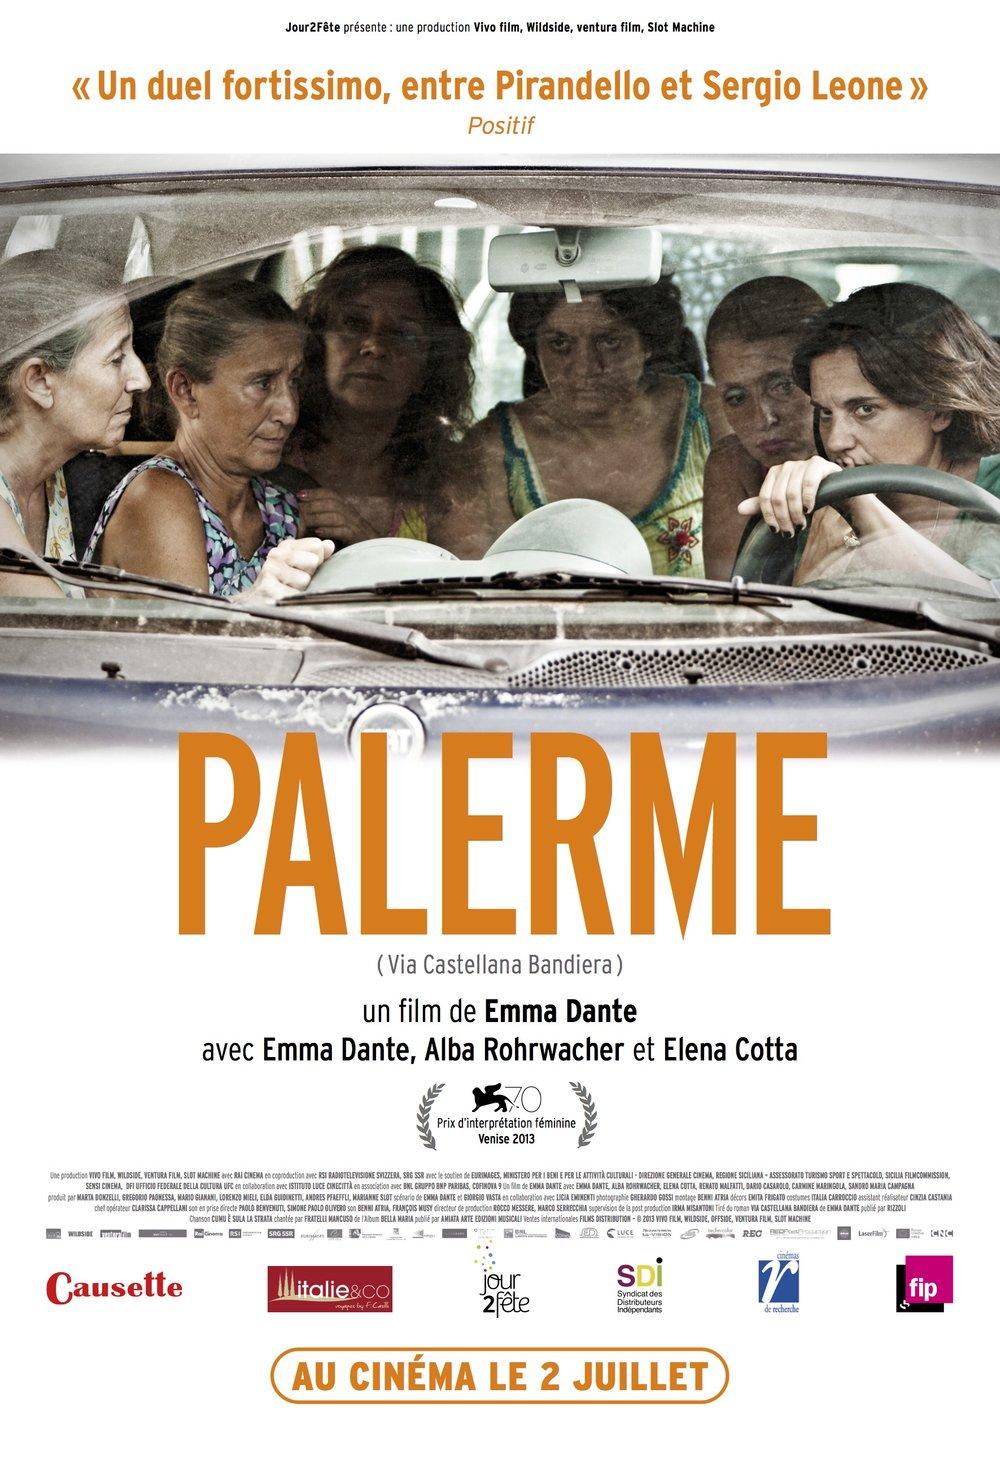 Palerme  by  Emma Dante